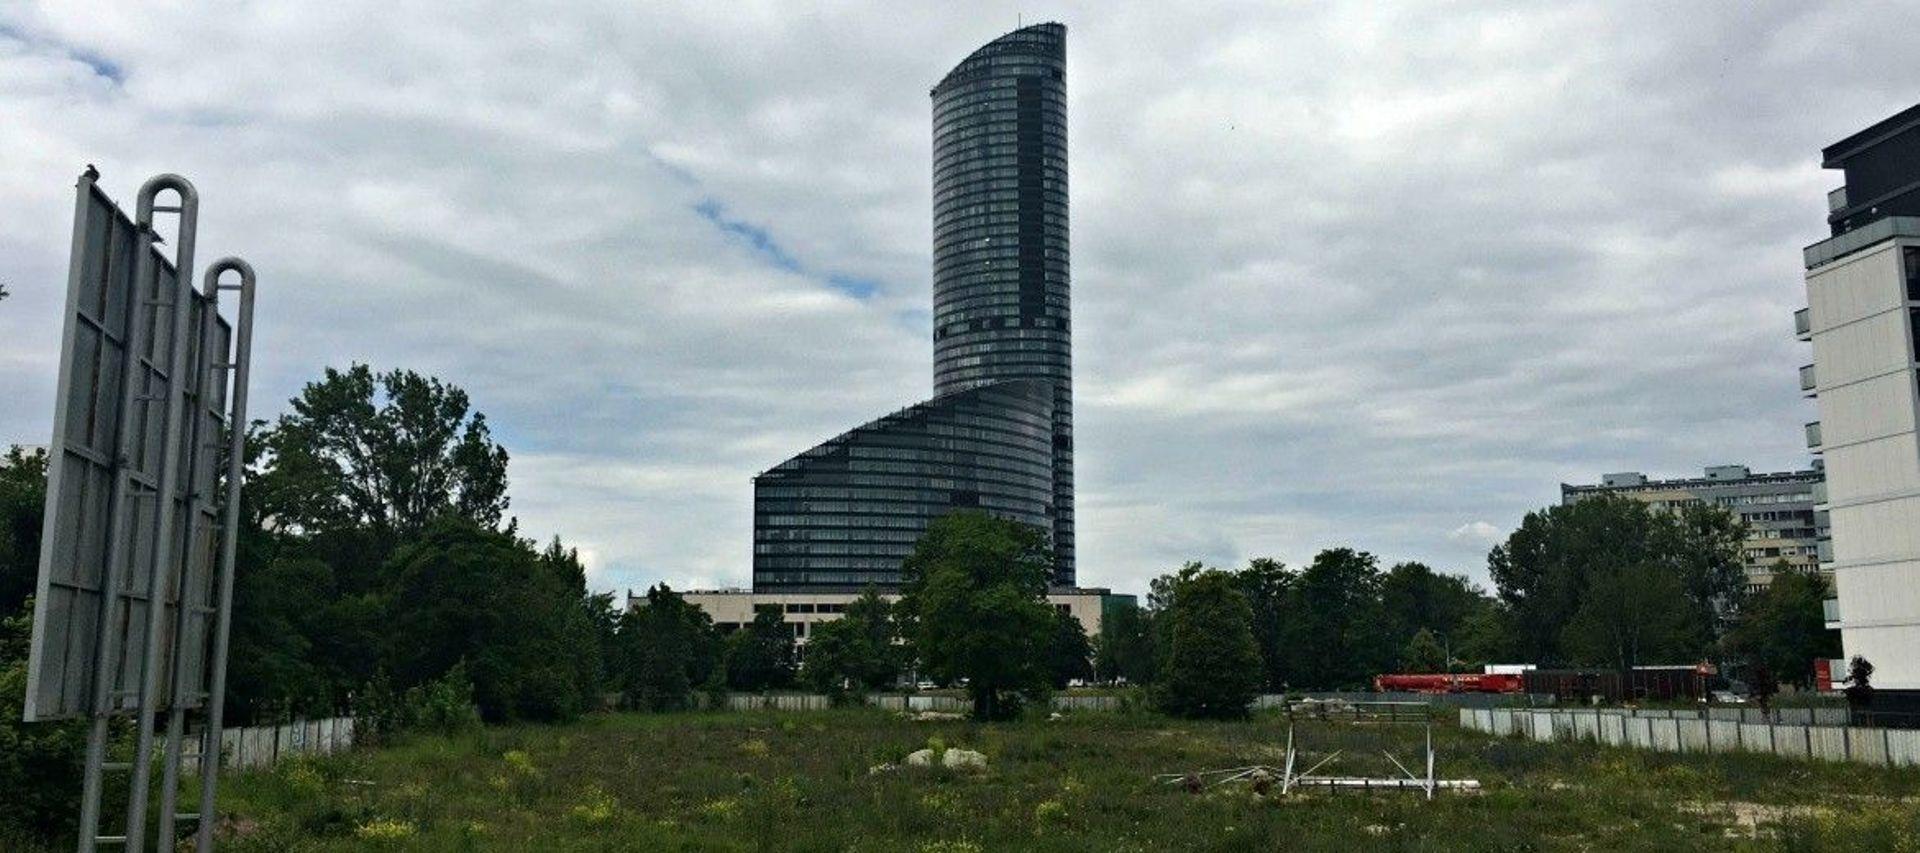 Wrocław: Skanska może ruszać z budową biurowców na terenie Centrum Południowego. To dopiero początek